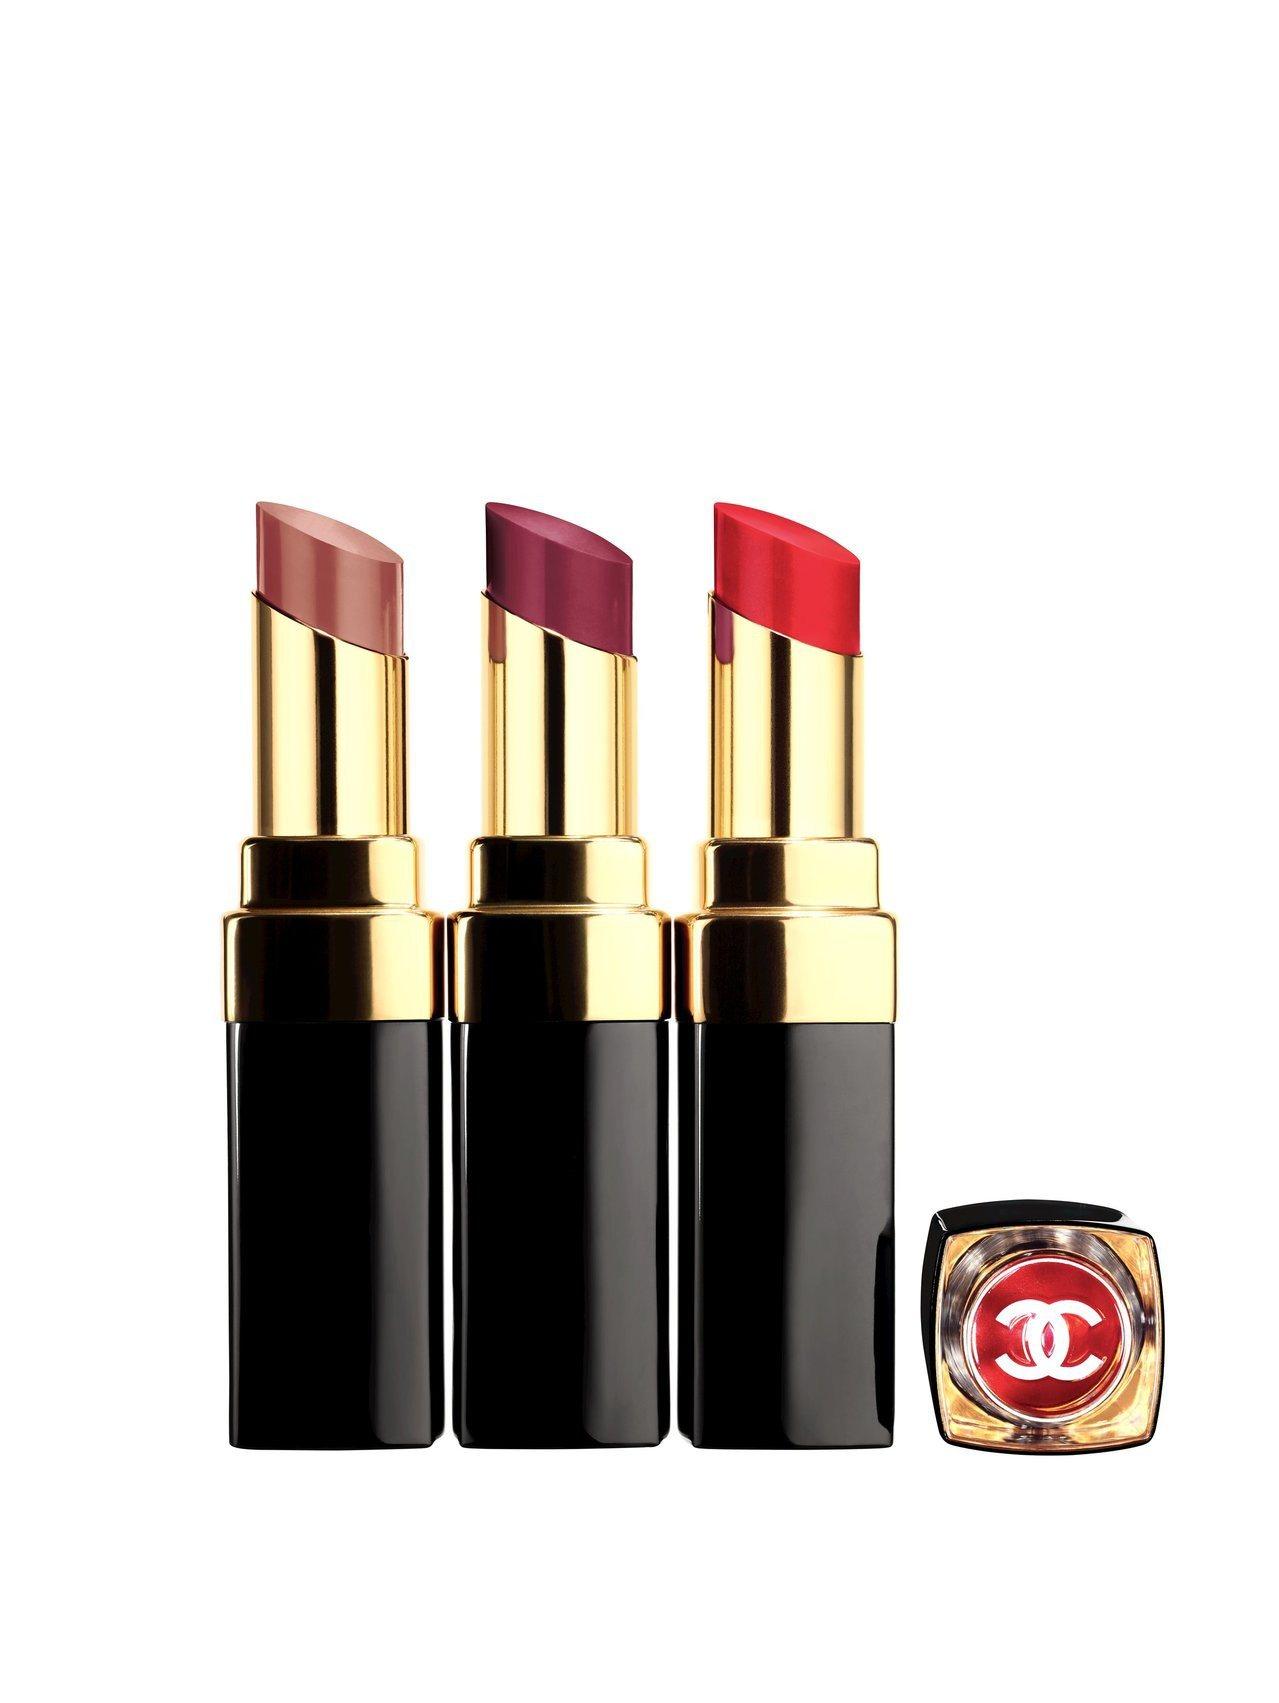 香奈兒COCO晶亮水唇膏共27色,售價1,280元。圖/香奈兒提供